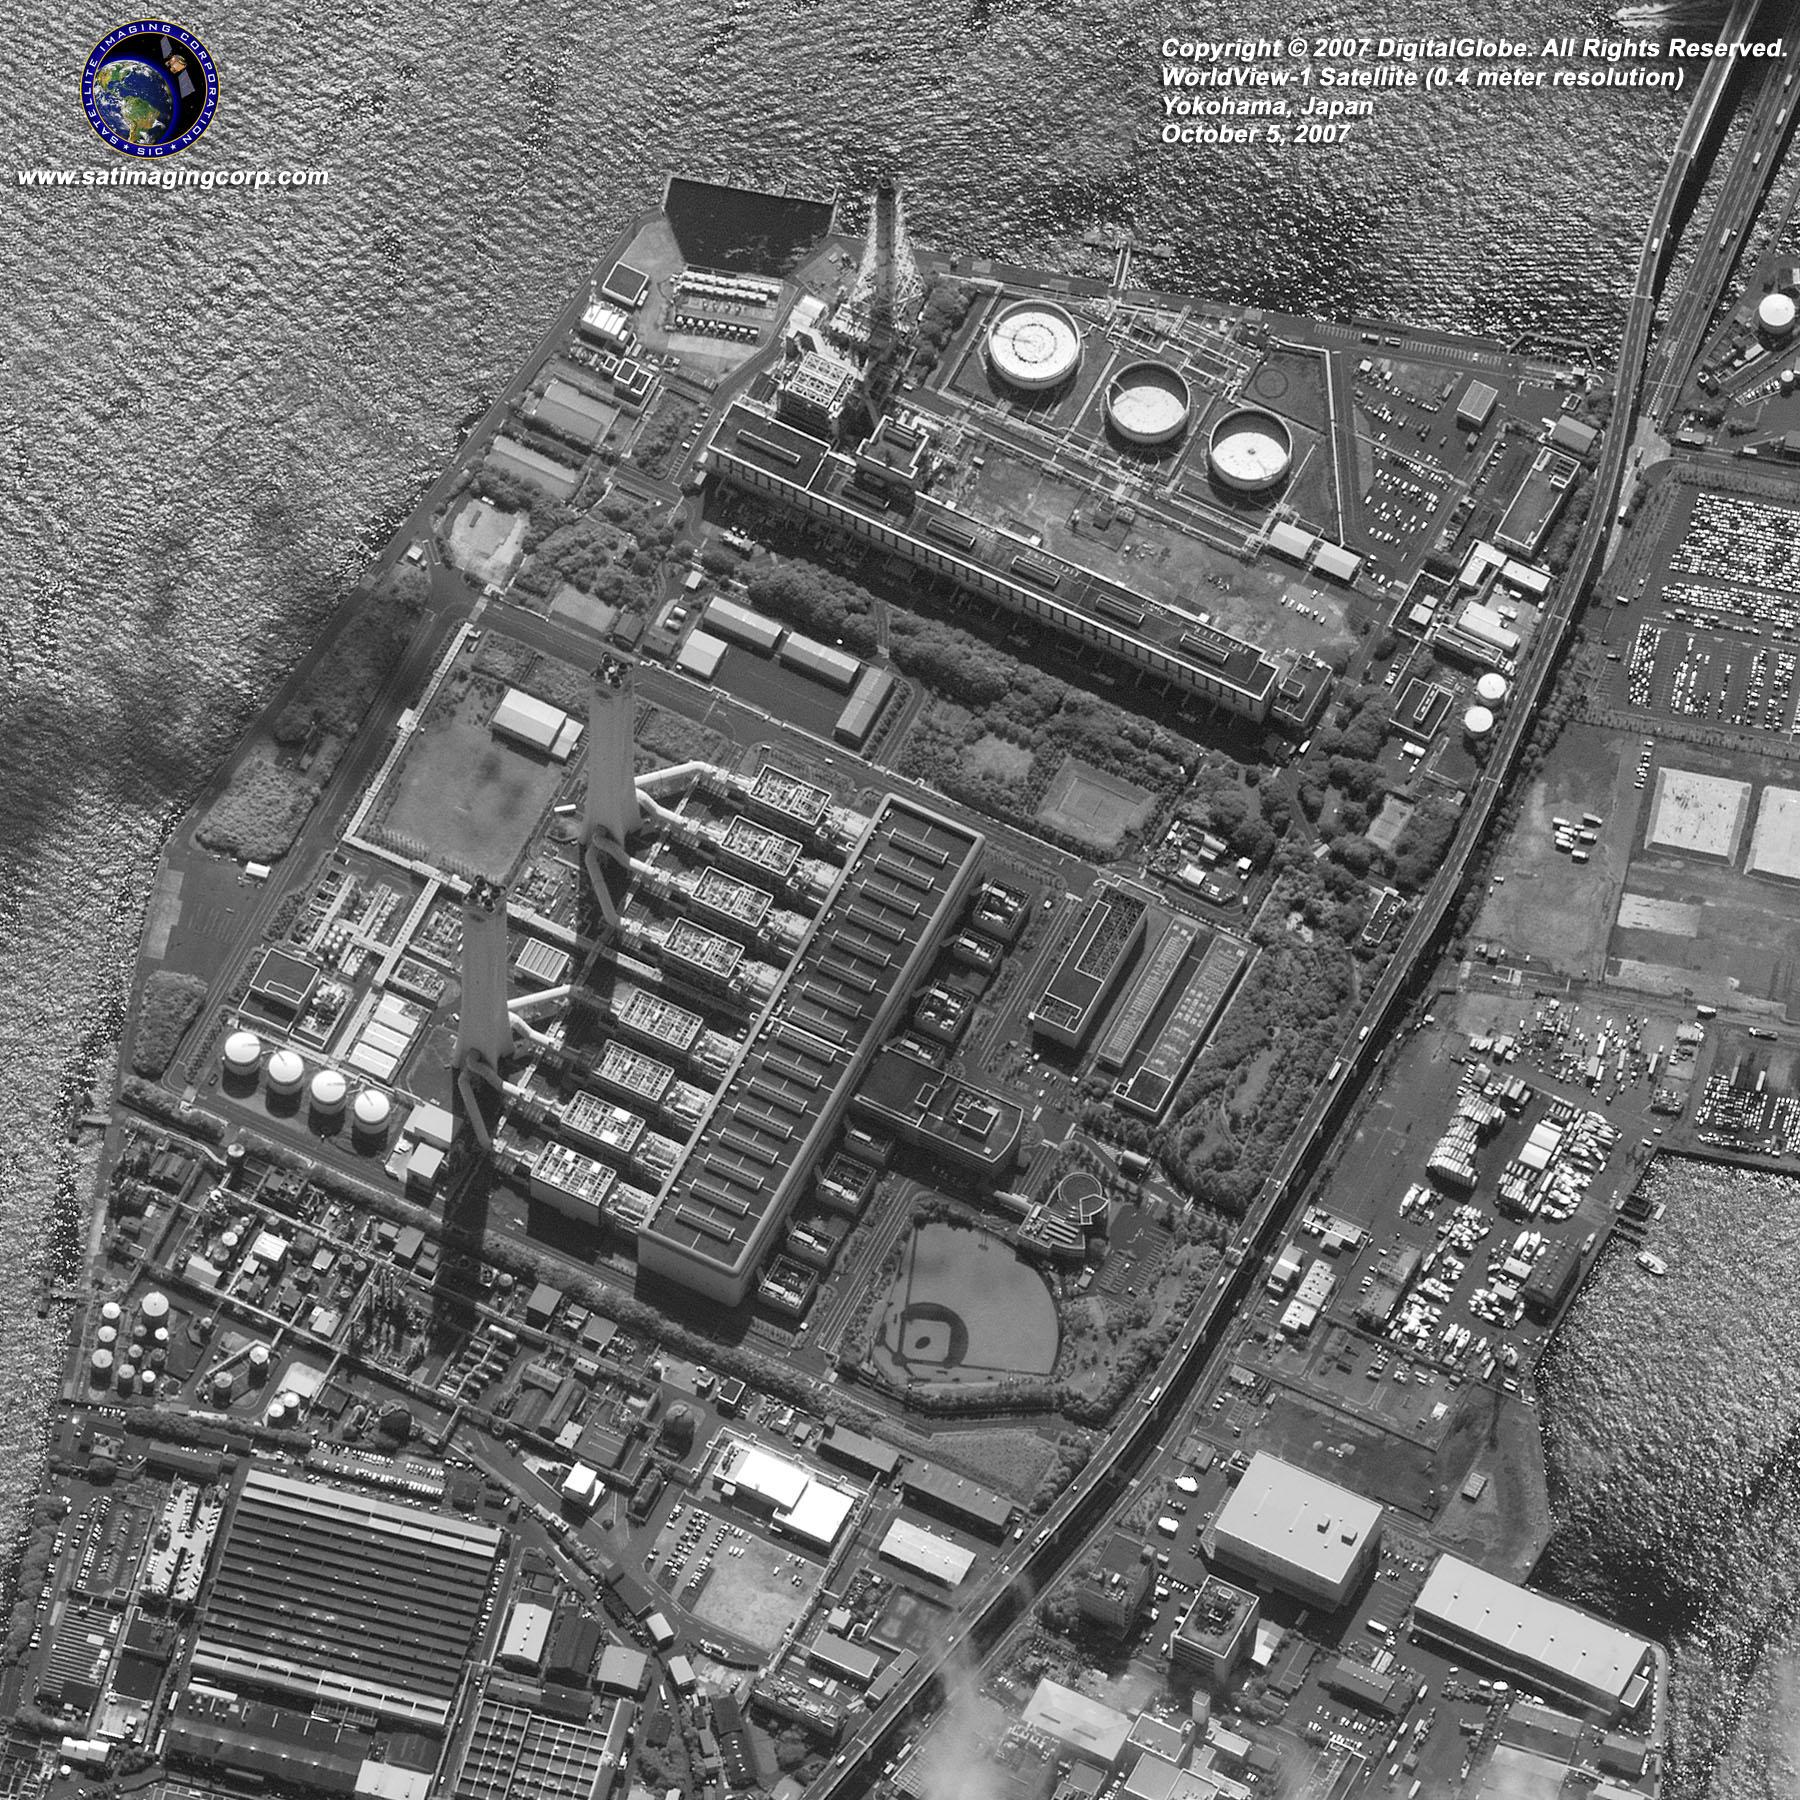 worldview-1-satellite-image-yokohama-japan Downloading Maps on